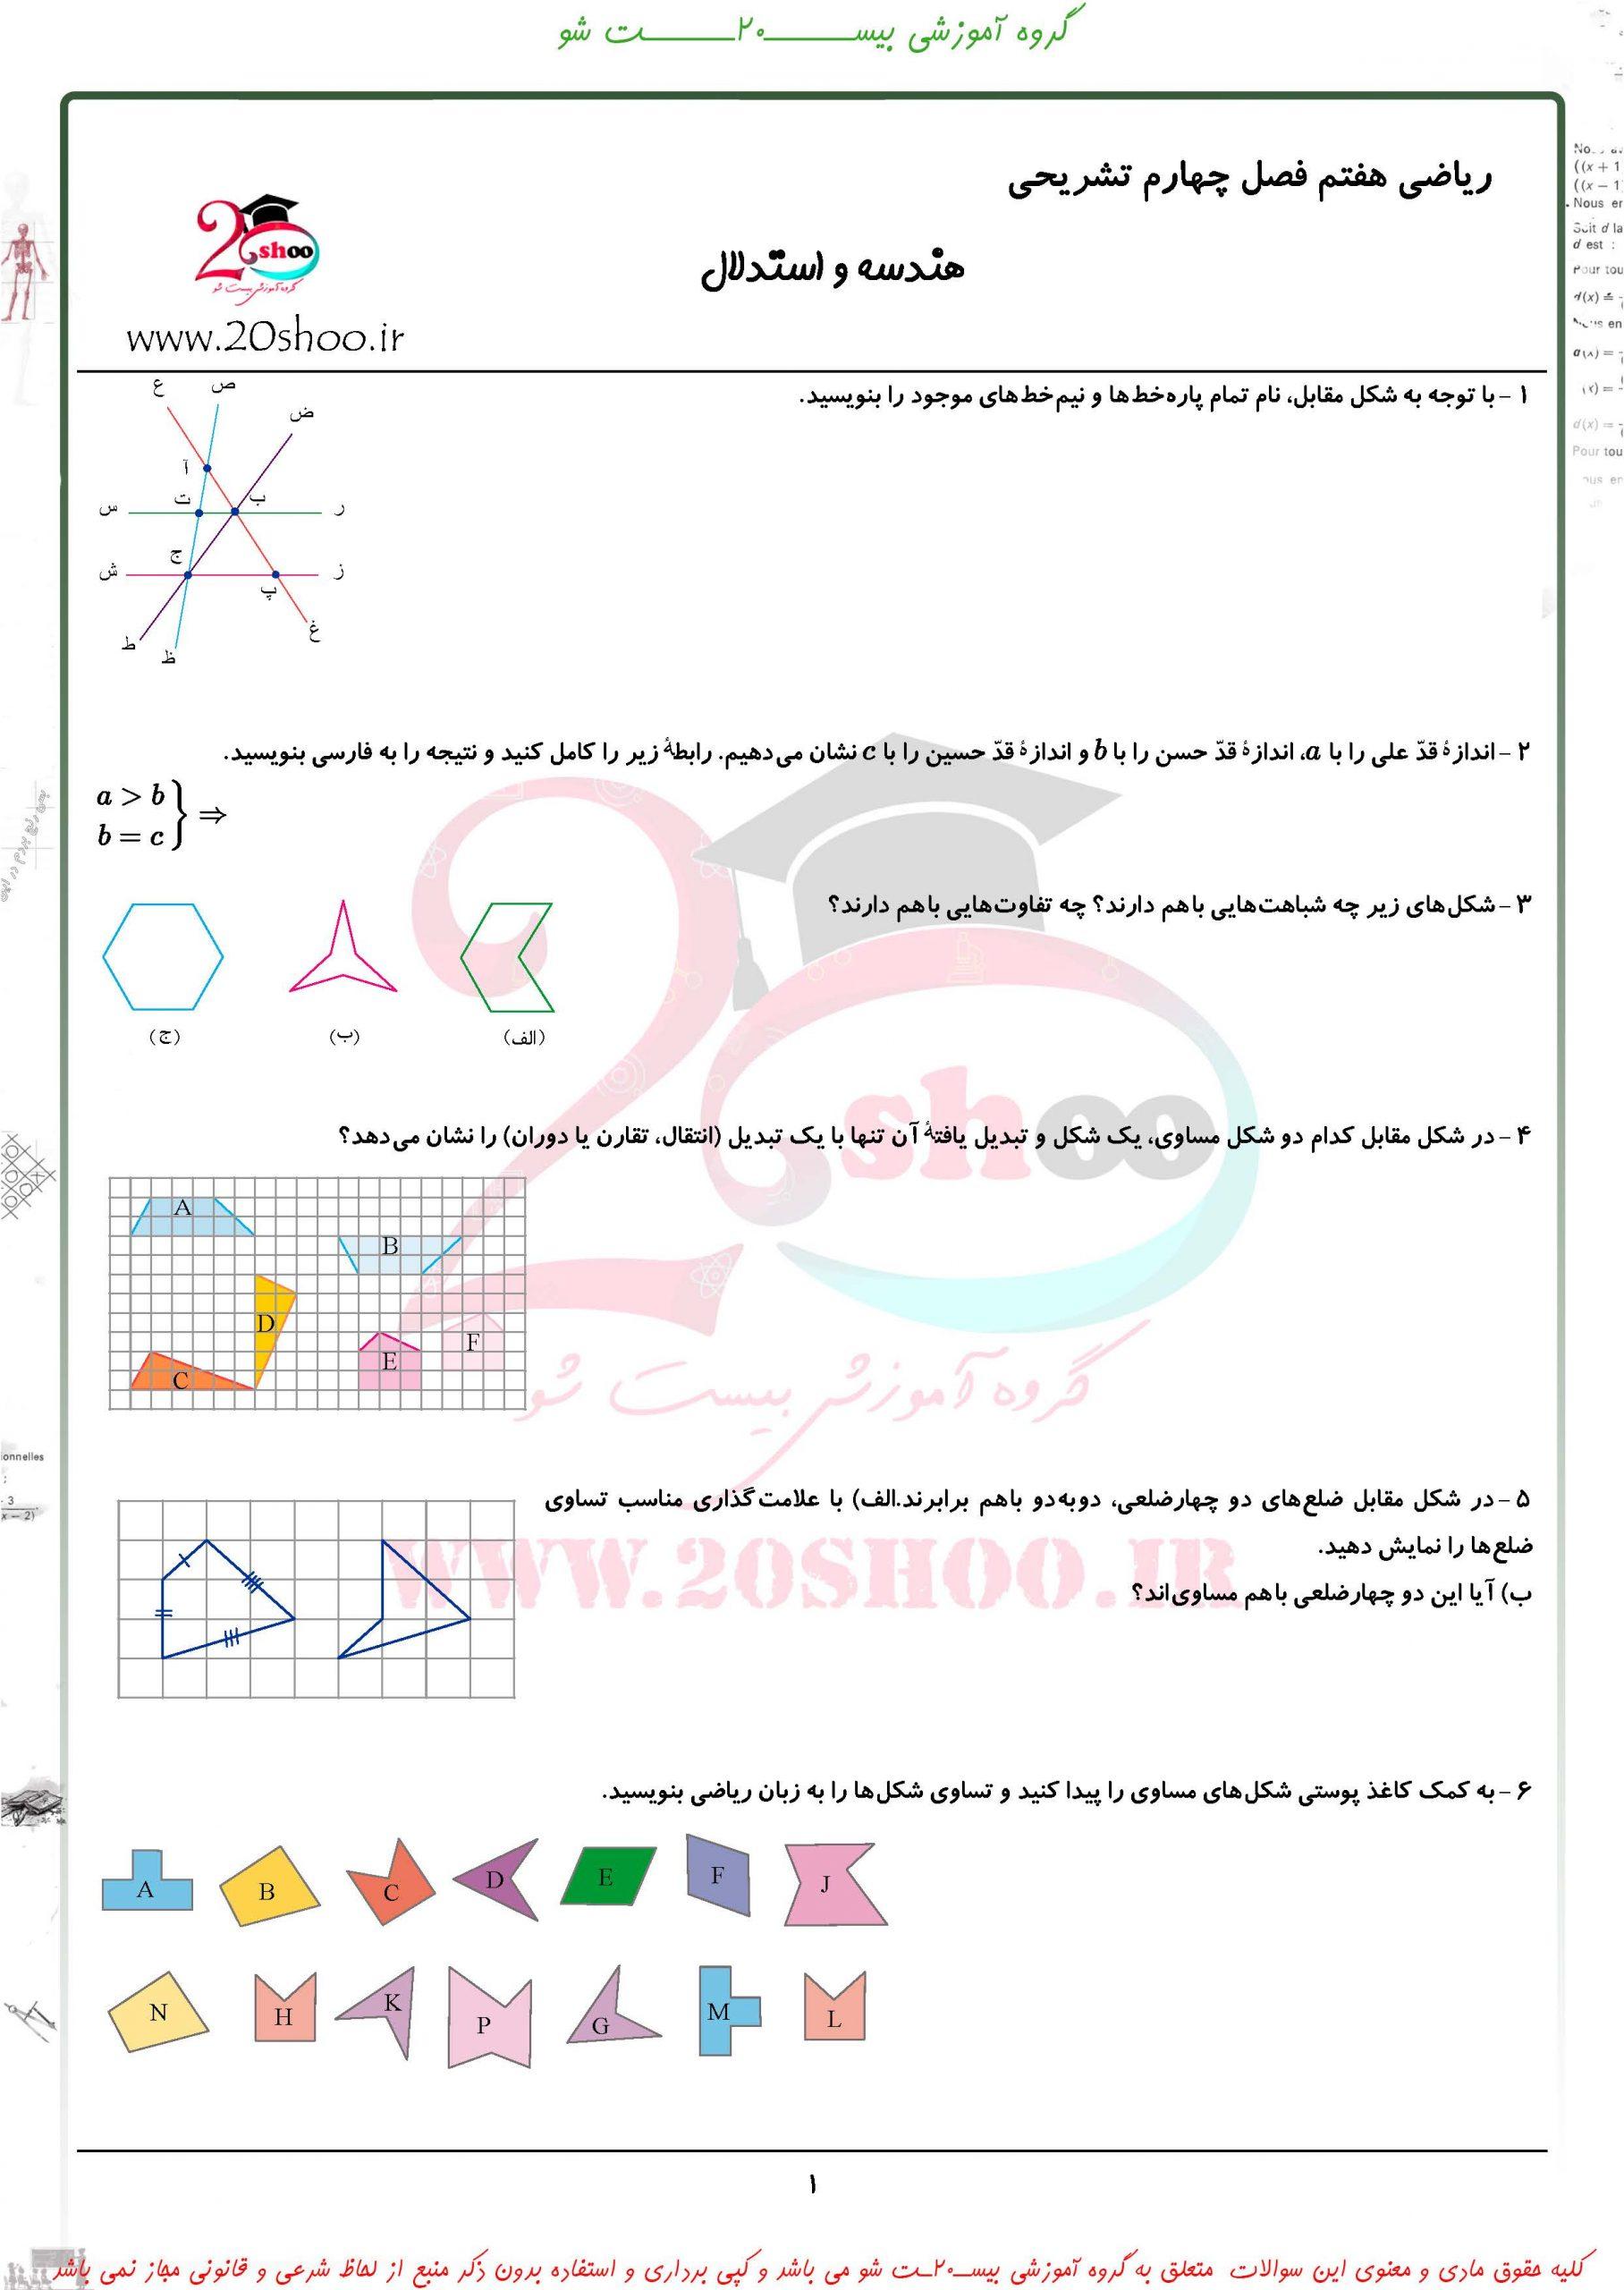 سوالات تشریحی ریاضی هفتم فصل چهارم